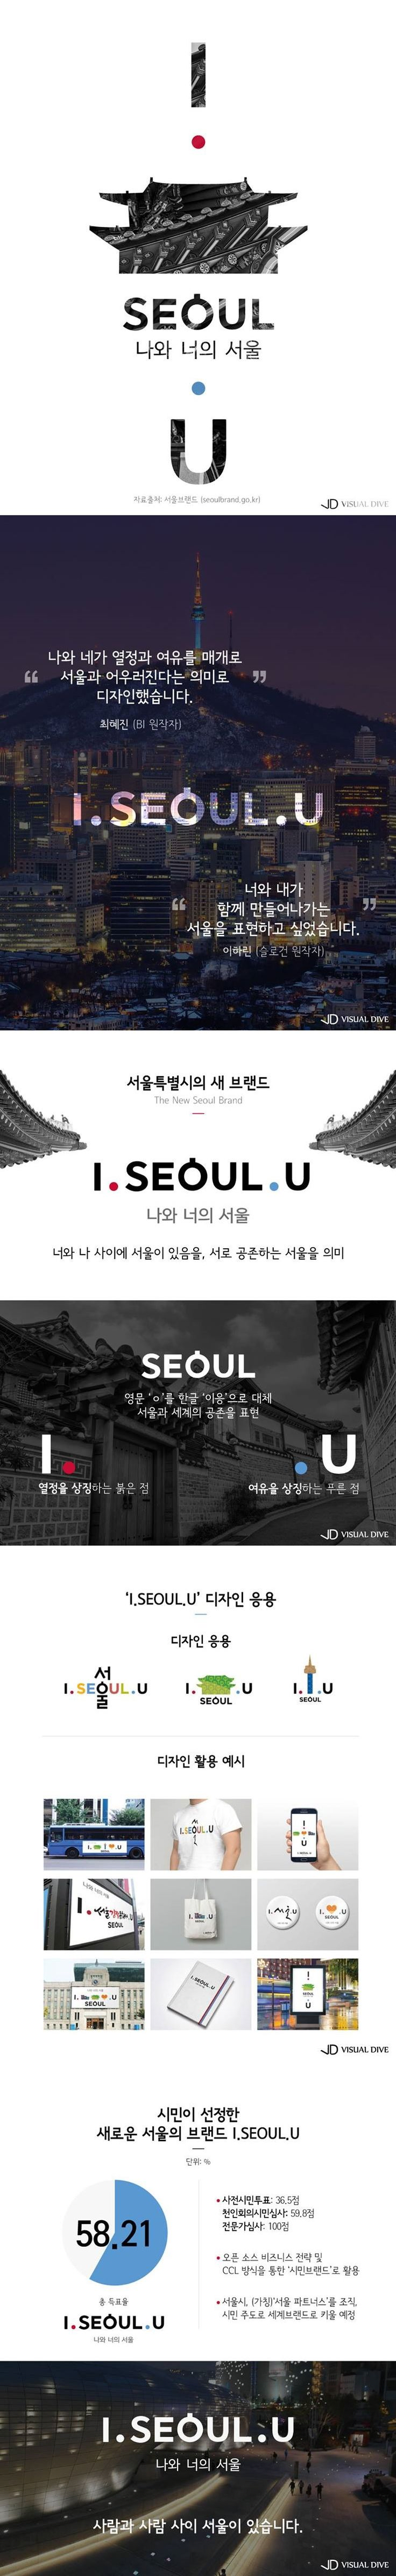 서울특별시의 새 브랜드, 'I ‧ SEOUL ‧ U' [카드뉴스] #Seoul / #Infographic ⓒ 비주얼다이브 무단…